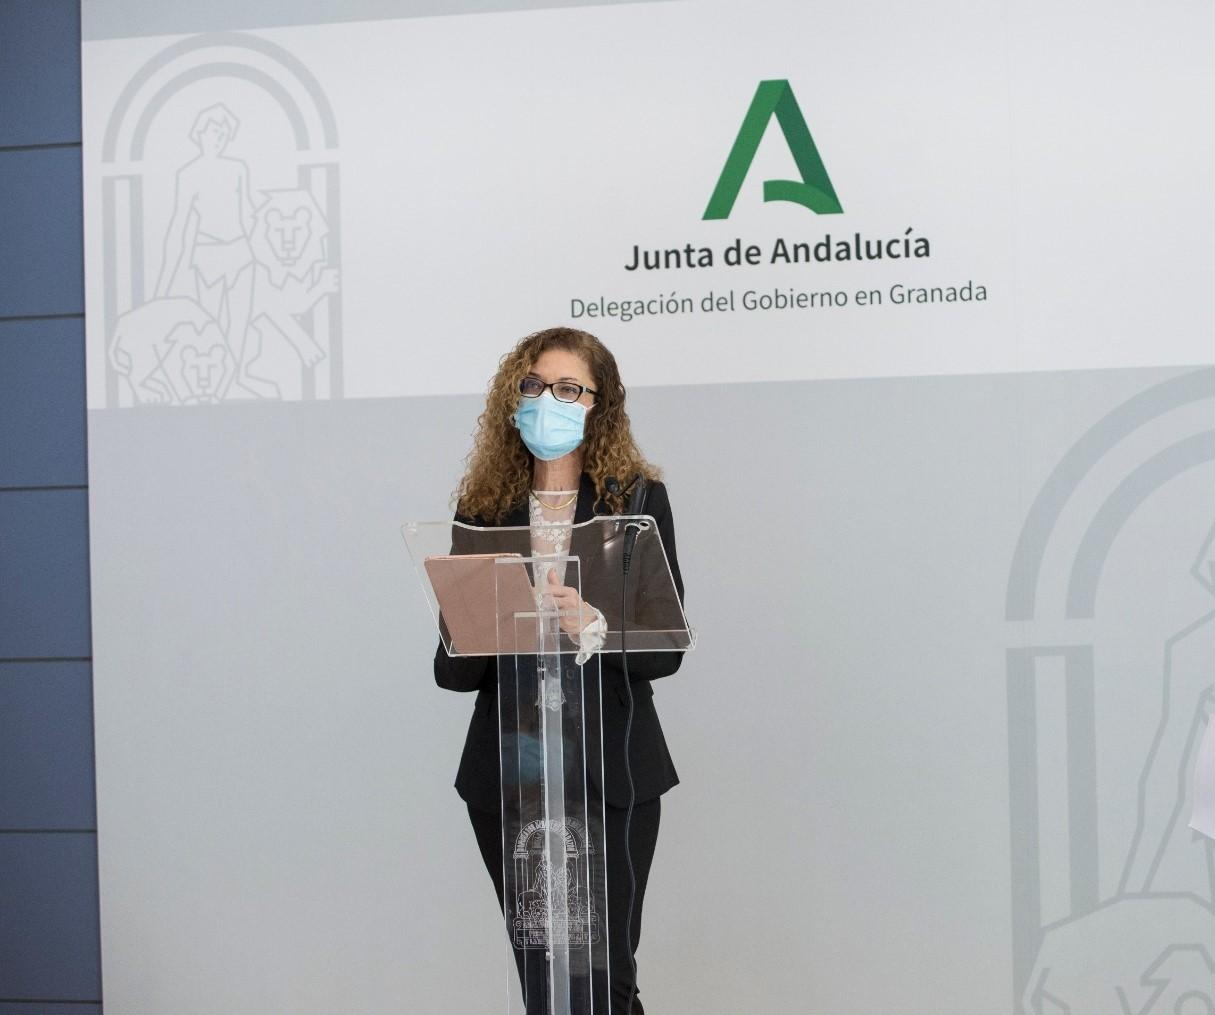 Educación propone reconocer la labor del profesorado con la 'Bandera de Andalucía a los valores humanos'